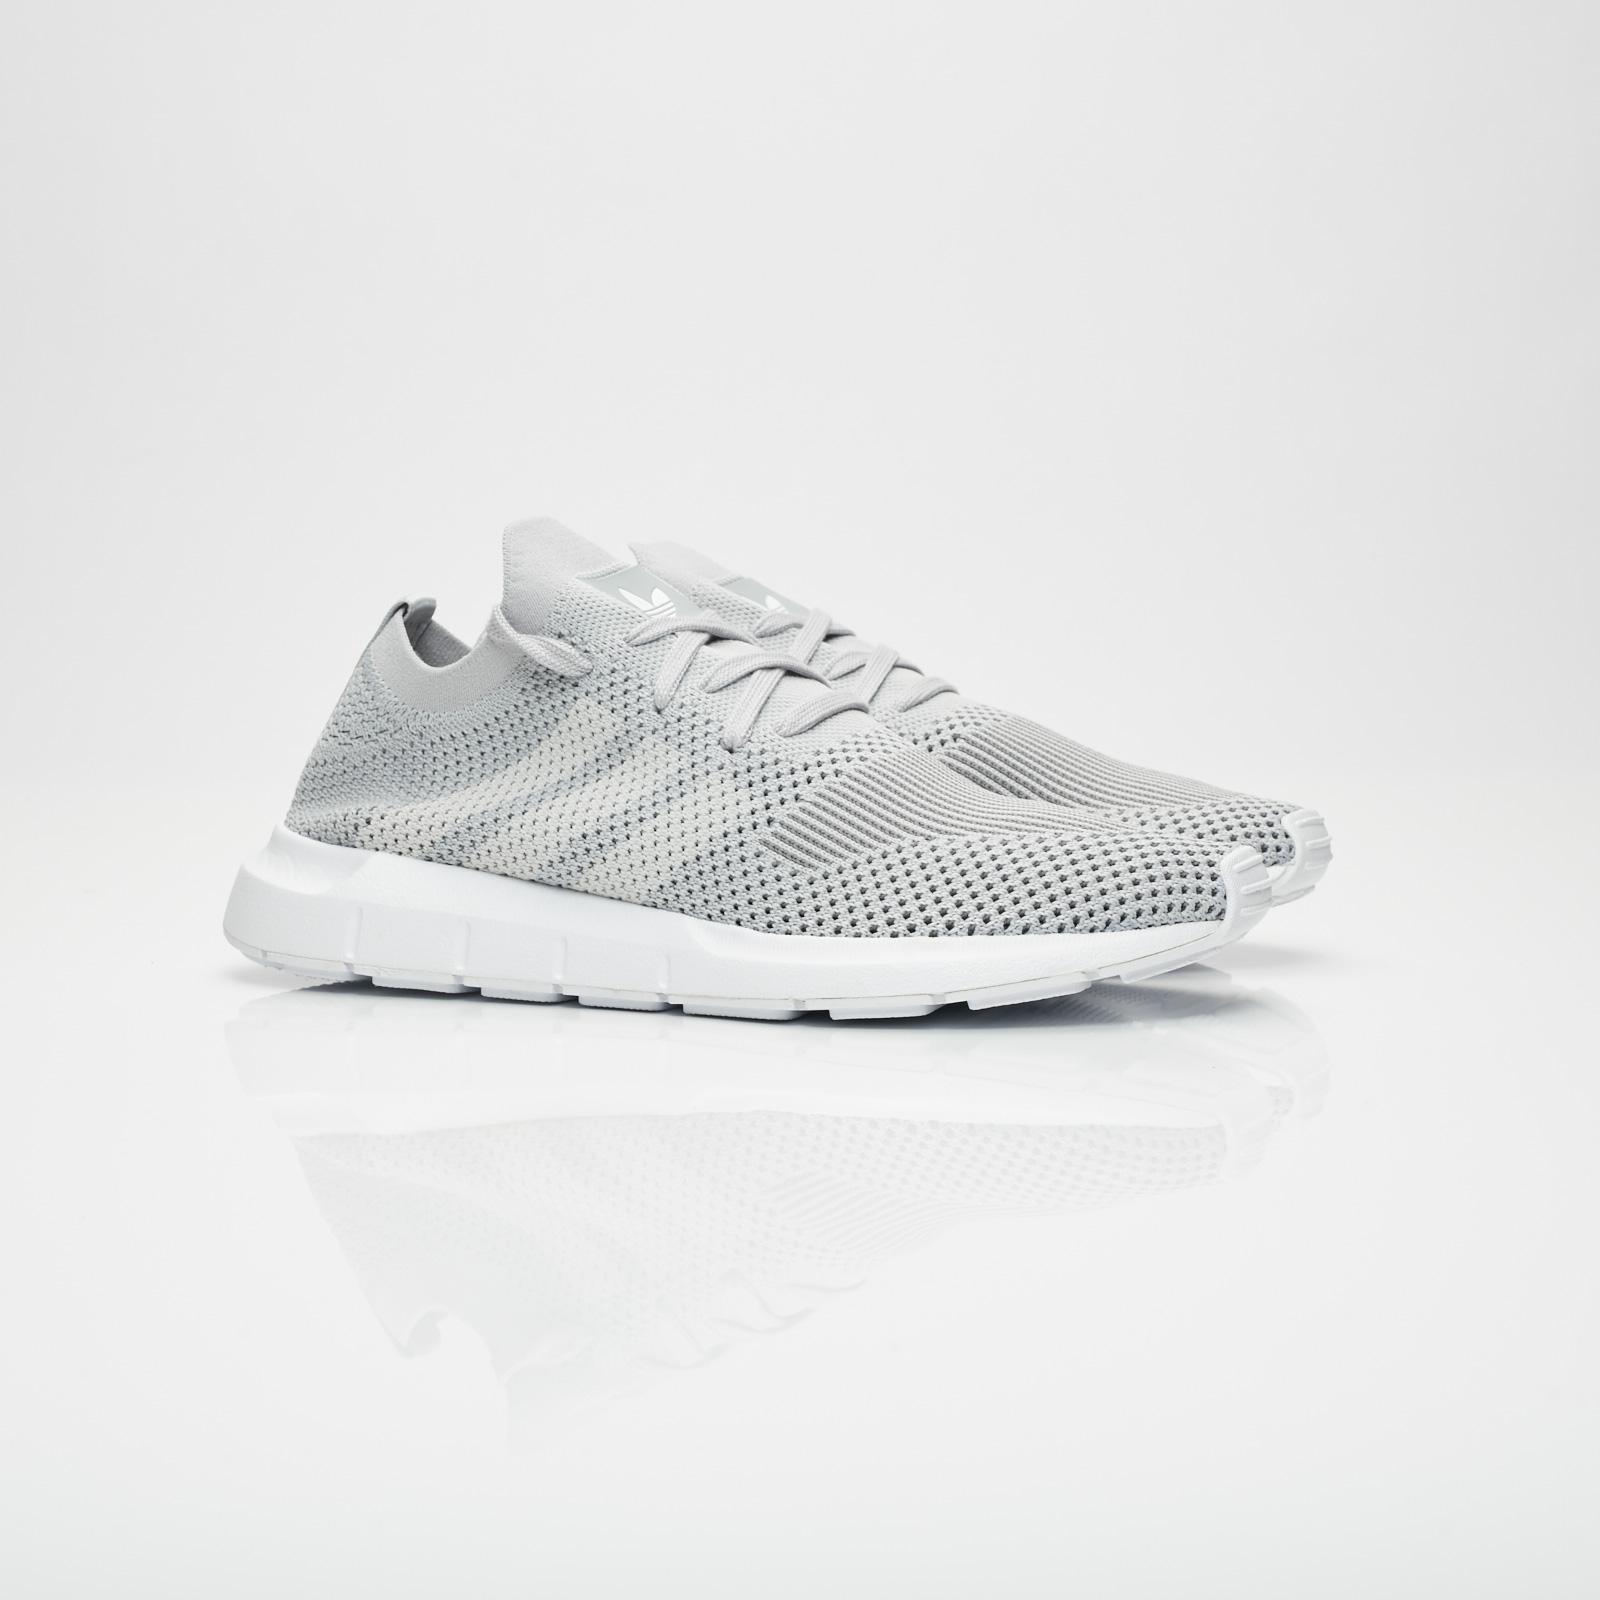 ad21ebc61d86 adidas Swift Run PK W - Cq2036 - Sneakersnstuff